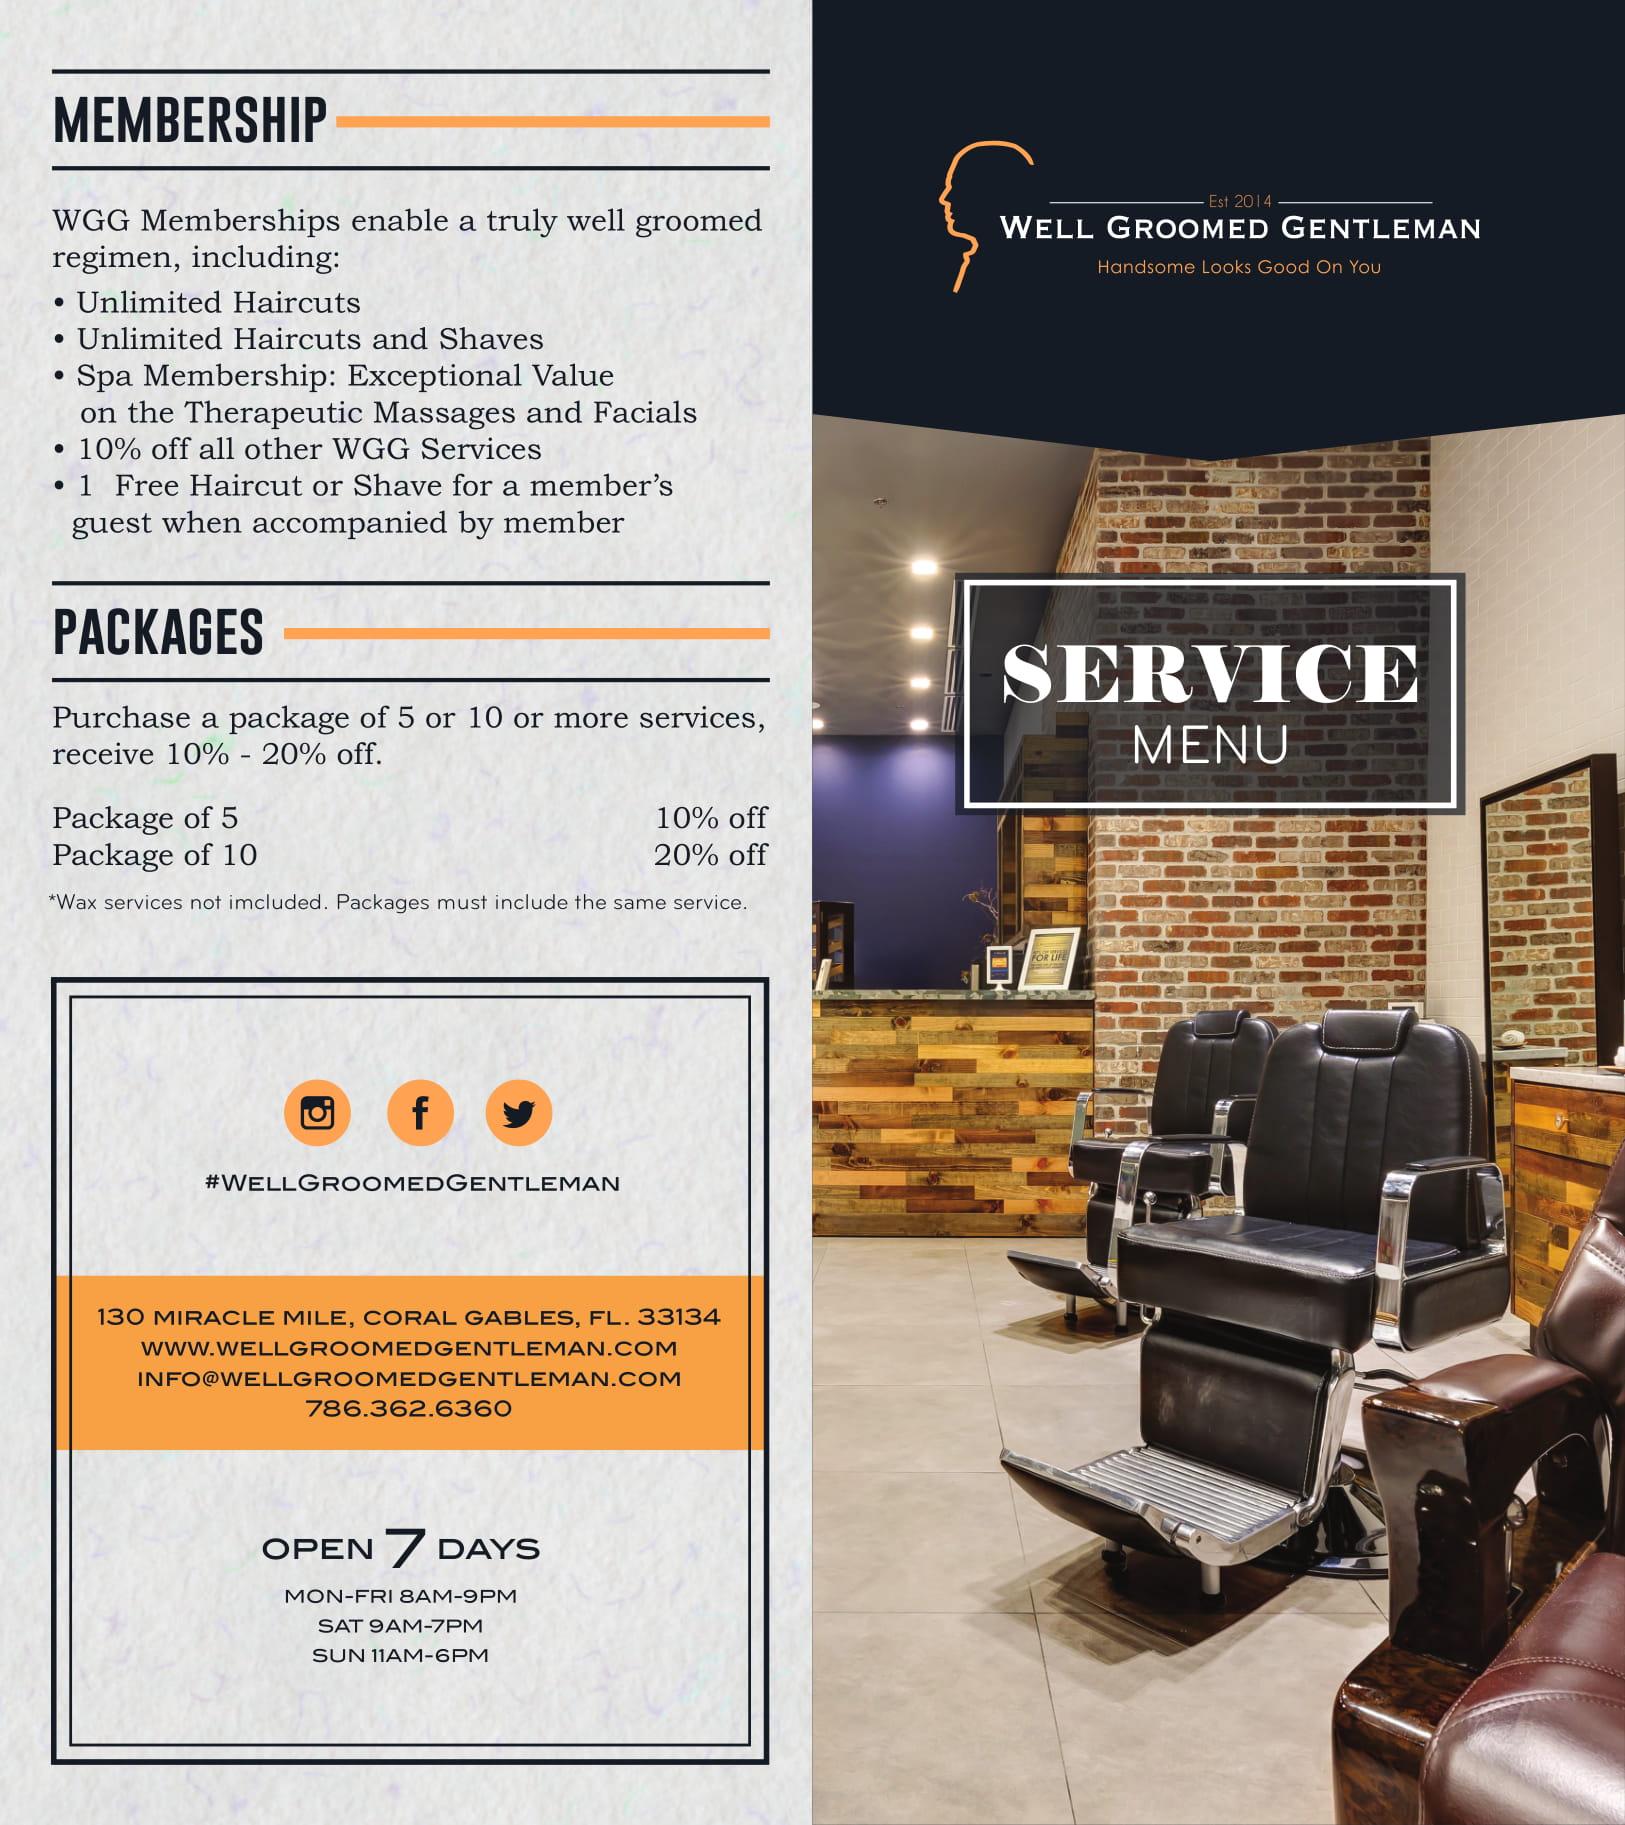 service-menu-1